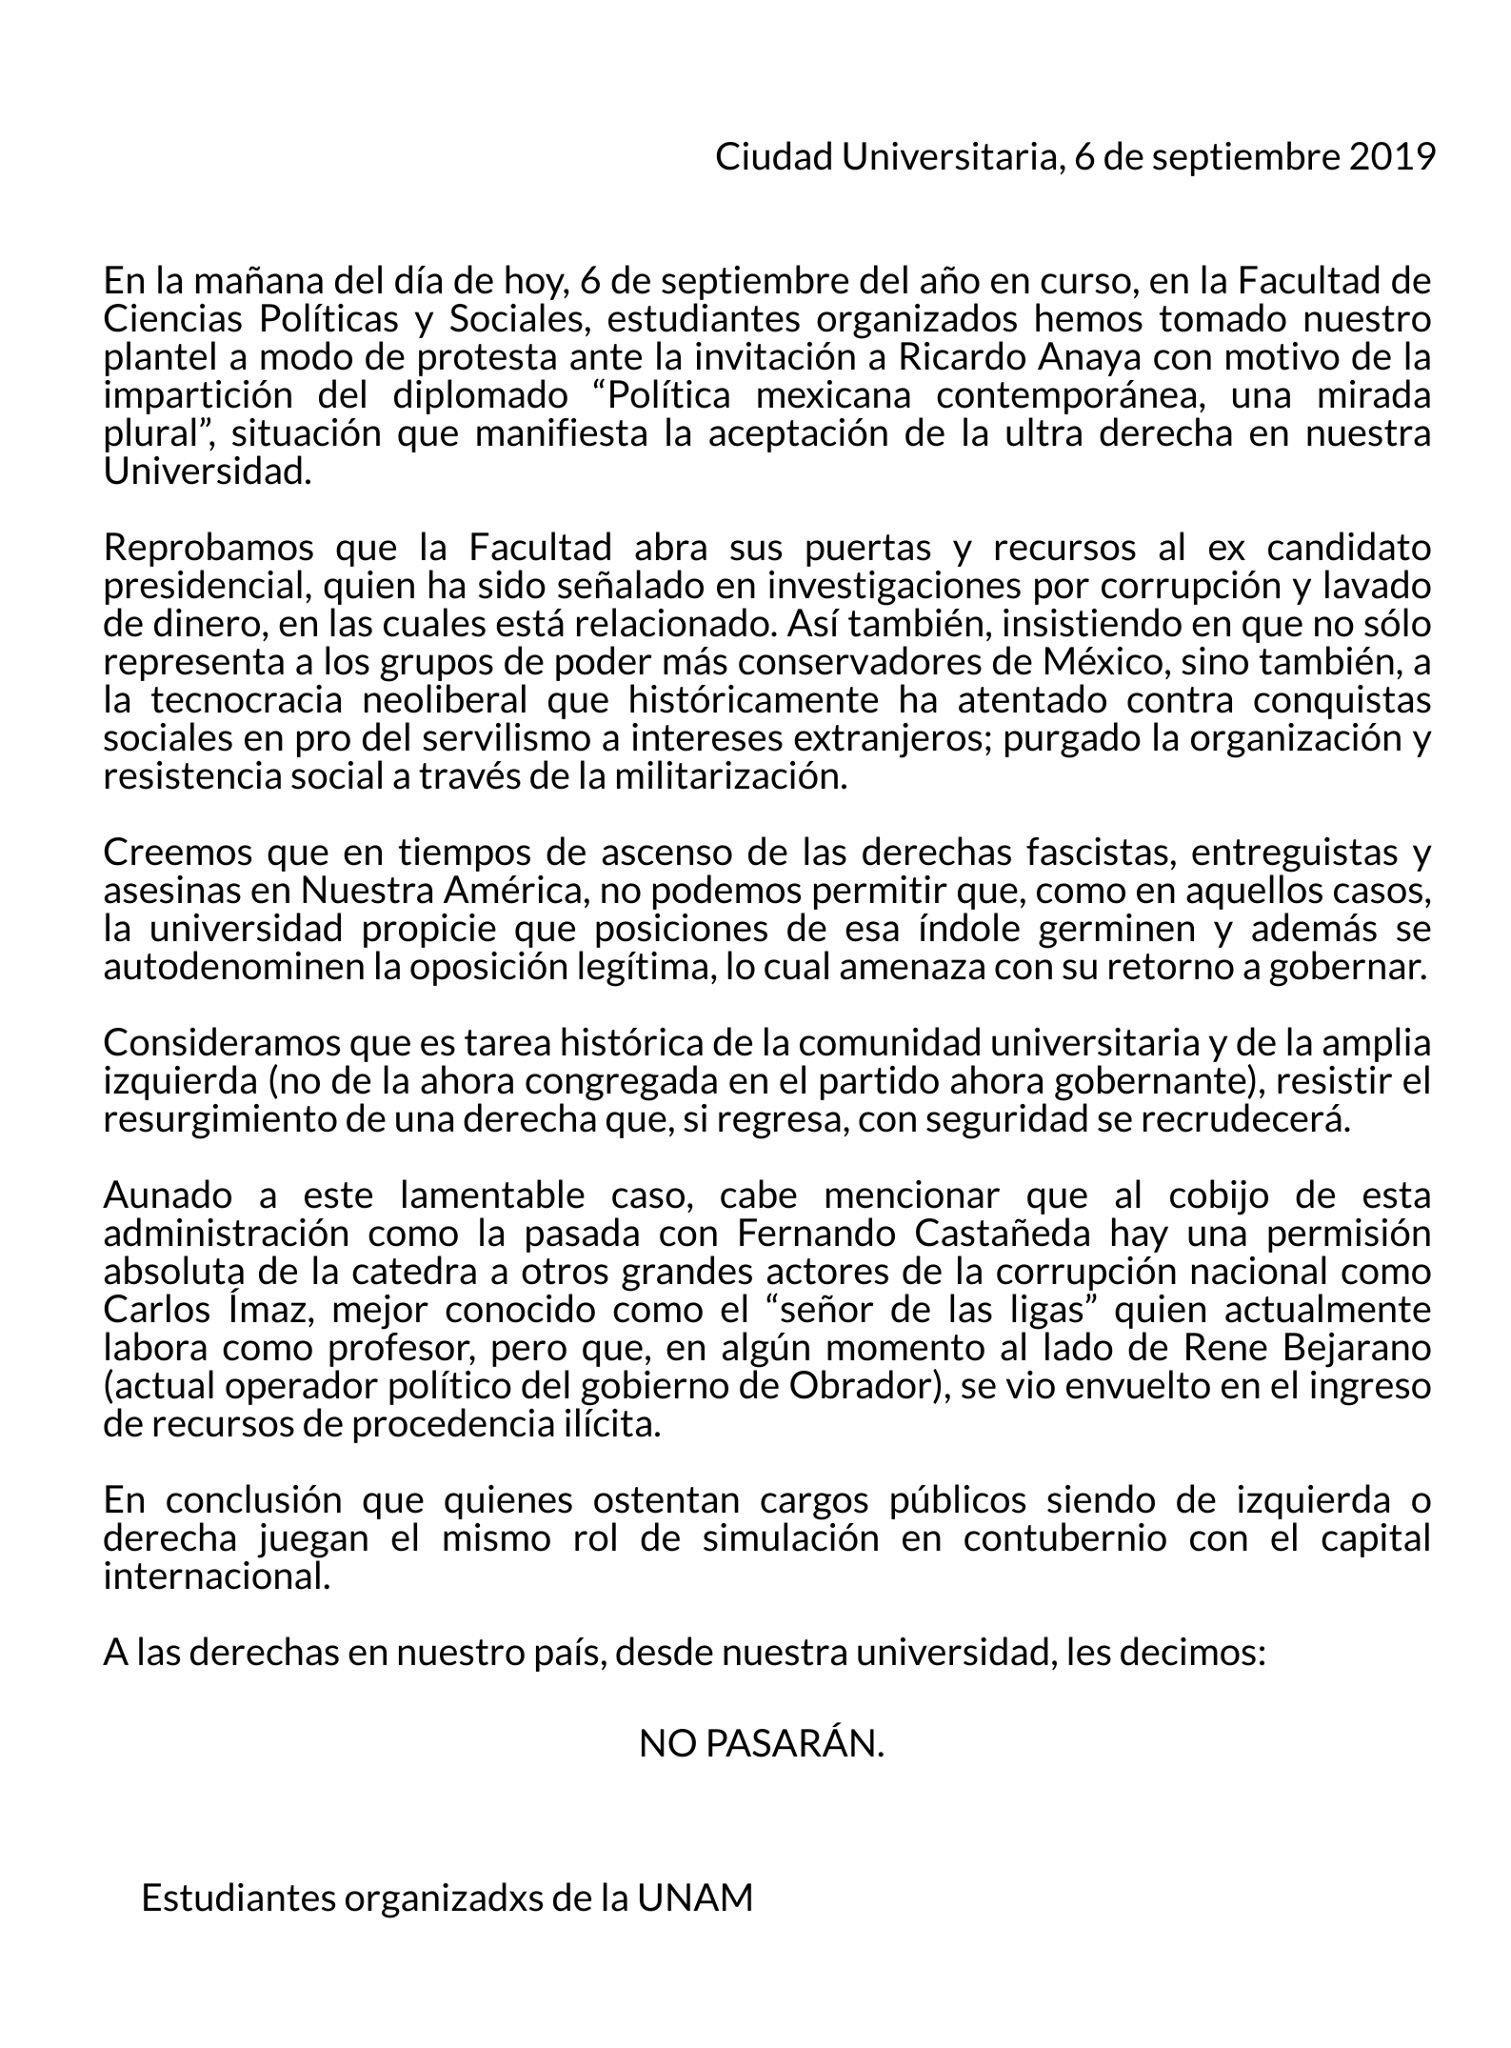 Comunicado por toma de la FCPyS de la UNAM. Foto de @Mova_03